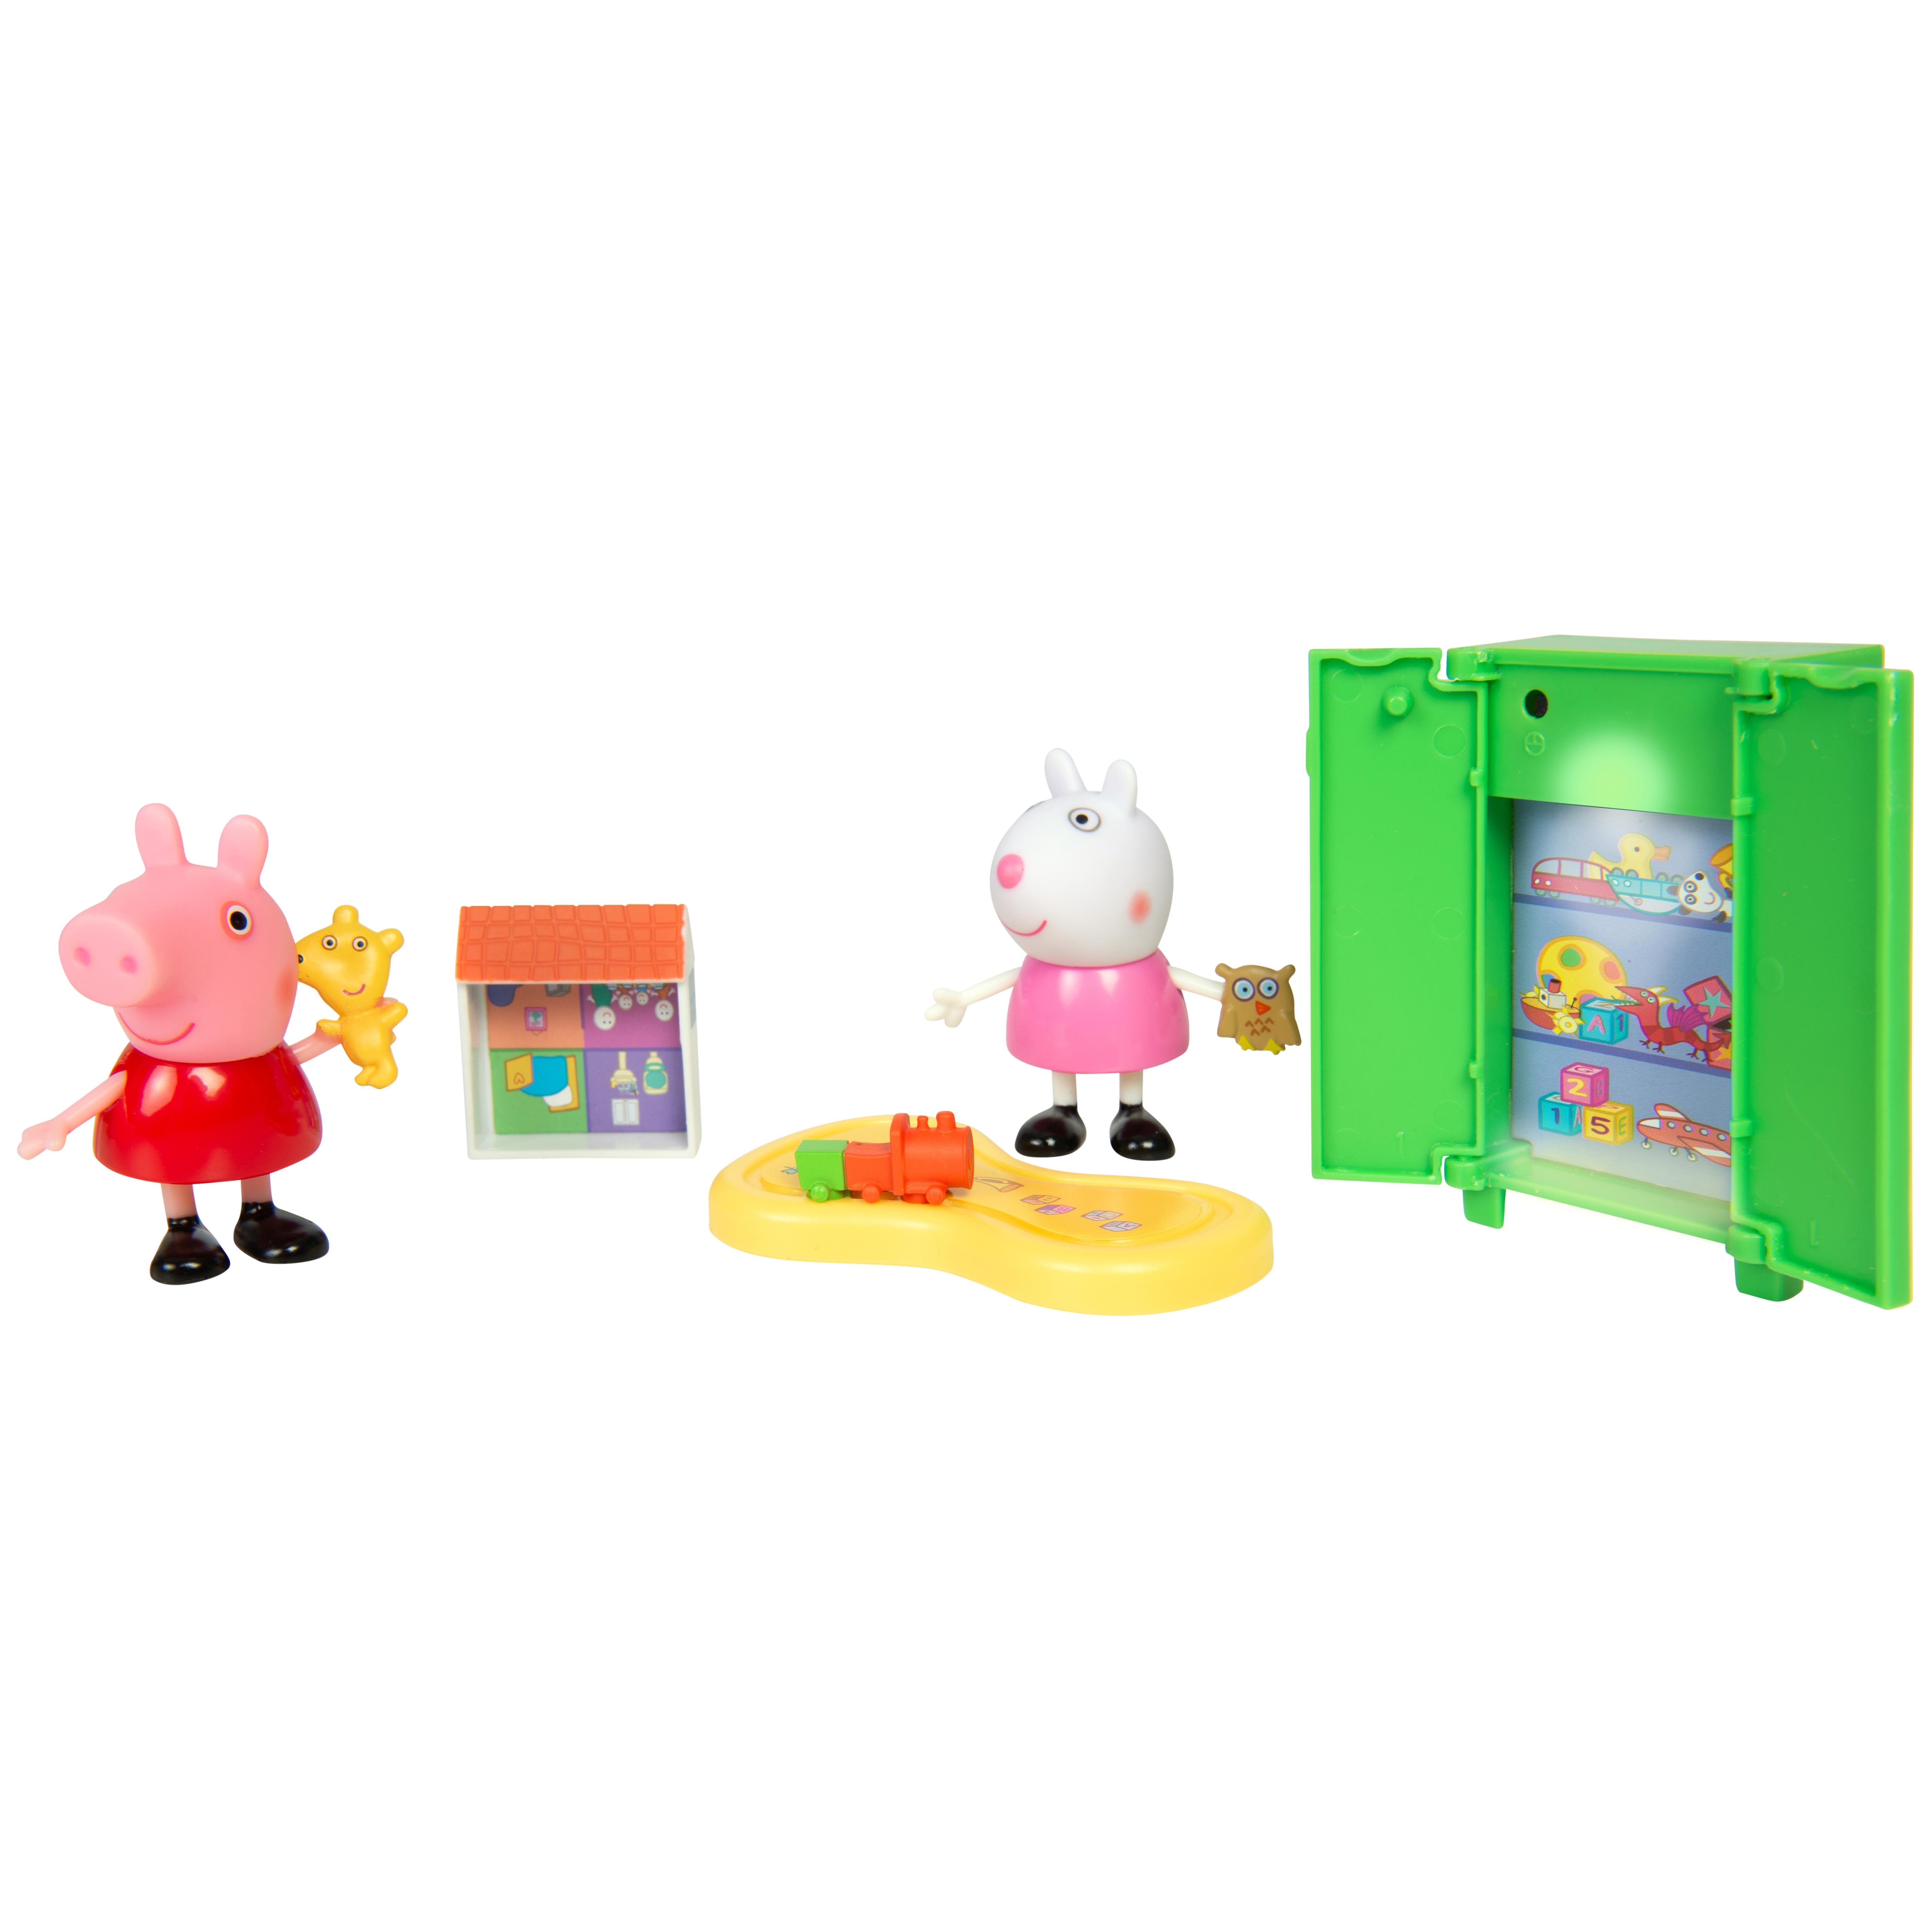 Фото - Игровой набор Peppa Pig Свинка Пеппа и Сьюзи играют в игры, 5 предметов игровой набор peppa pig пеппа и сьюзи 2 предмета 28816